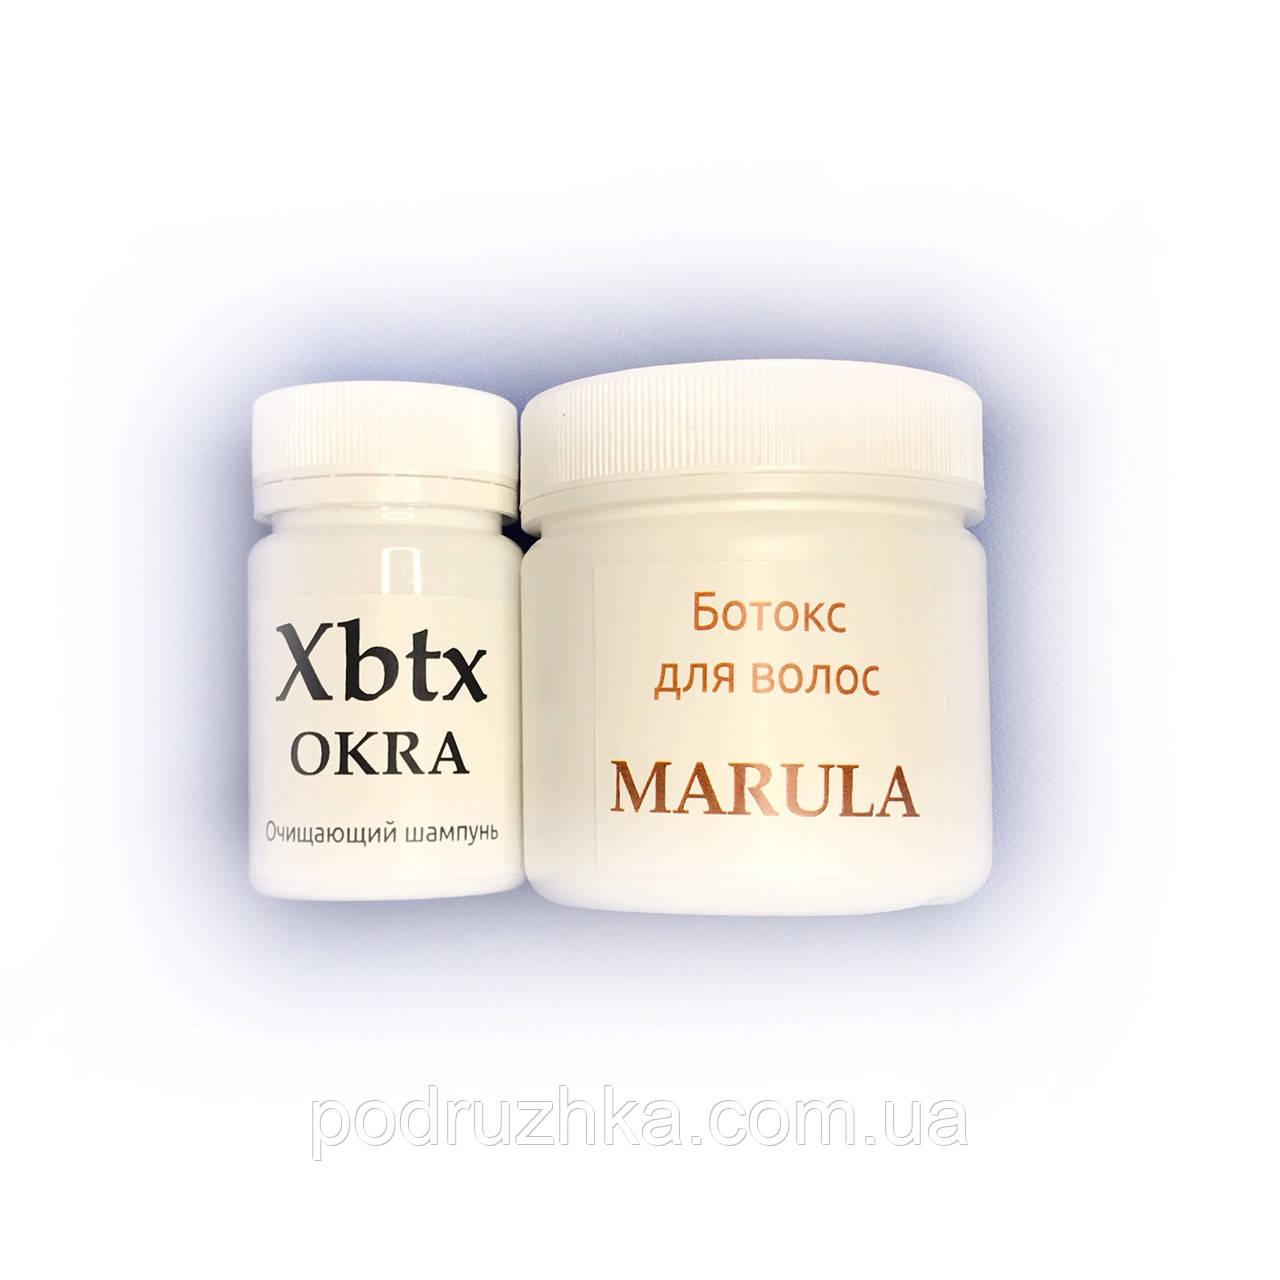 Набор ботокс для волос Marula 100/200 г